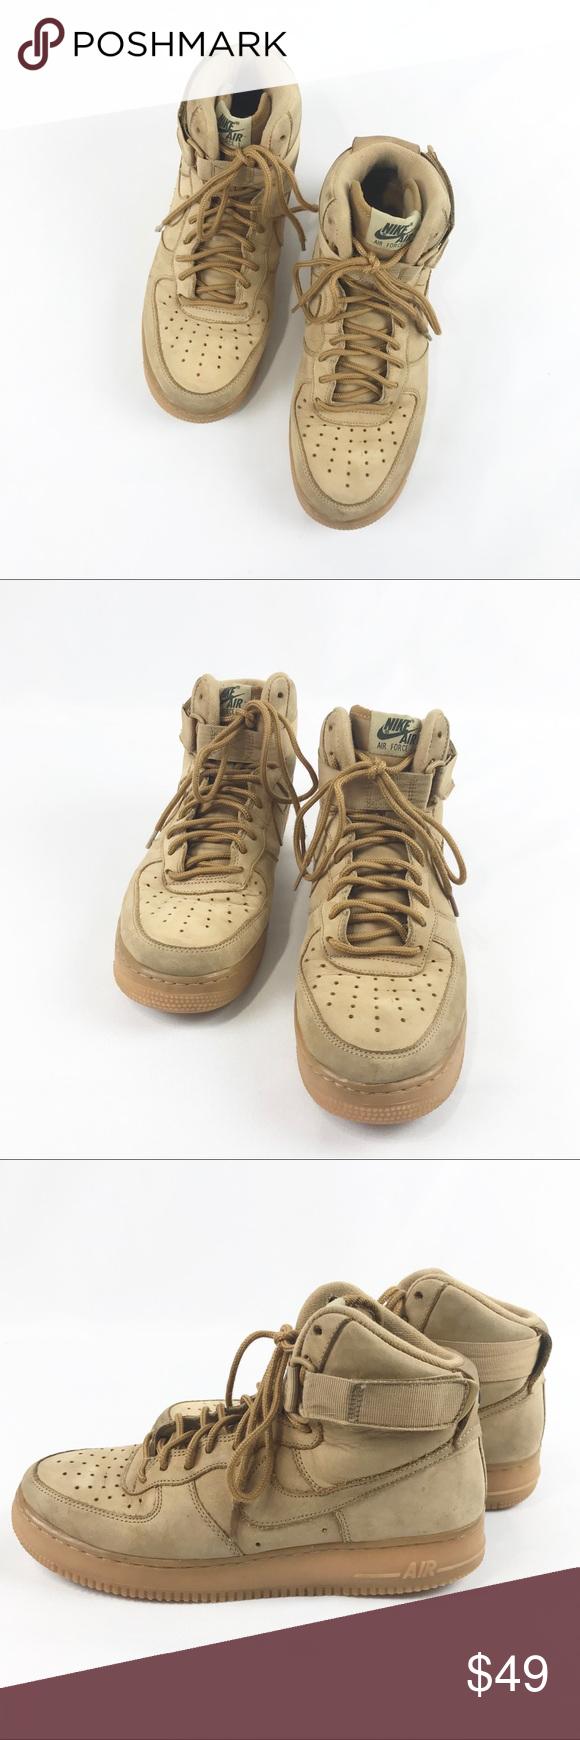 [Nike] Air Force 1 Wheat Nubuck Nike air force, Nike